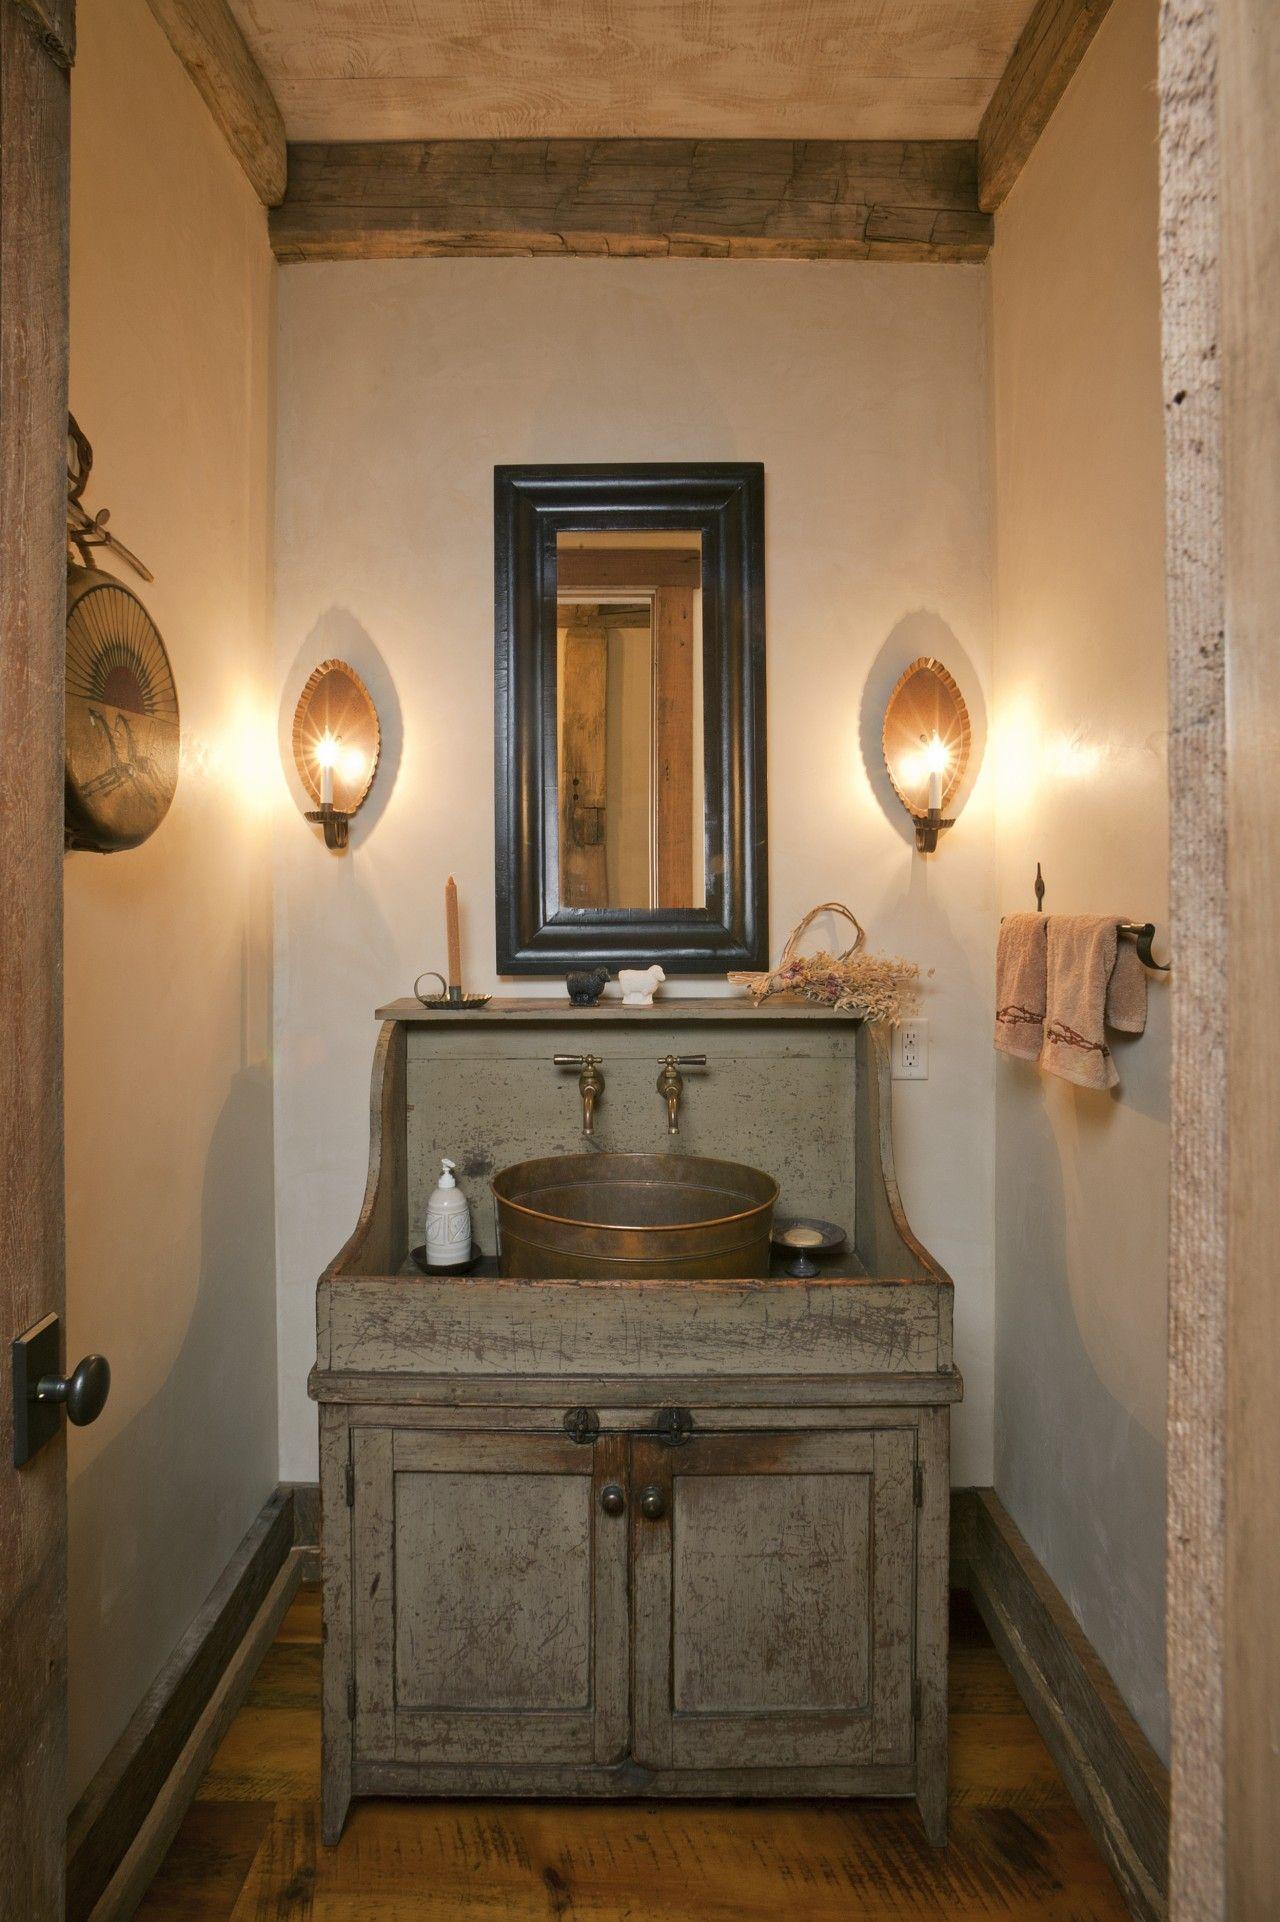 Vanity Bathroom Light Bathroom Light Ideas Simple Bathroom Vanity Lights Design Ideas